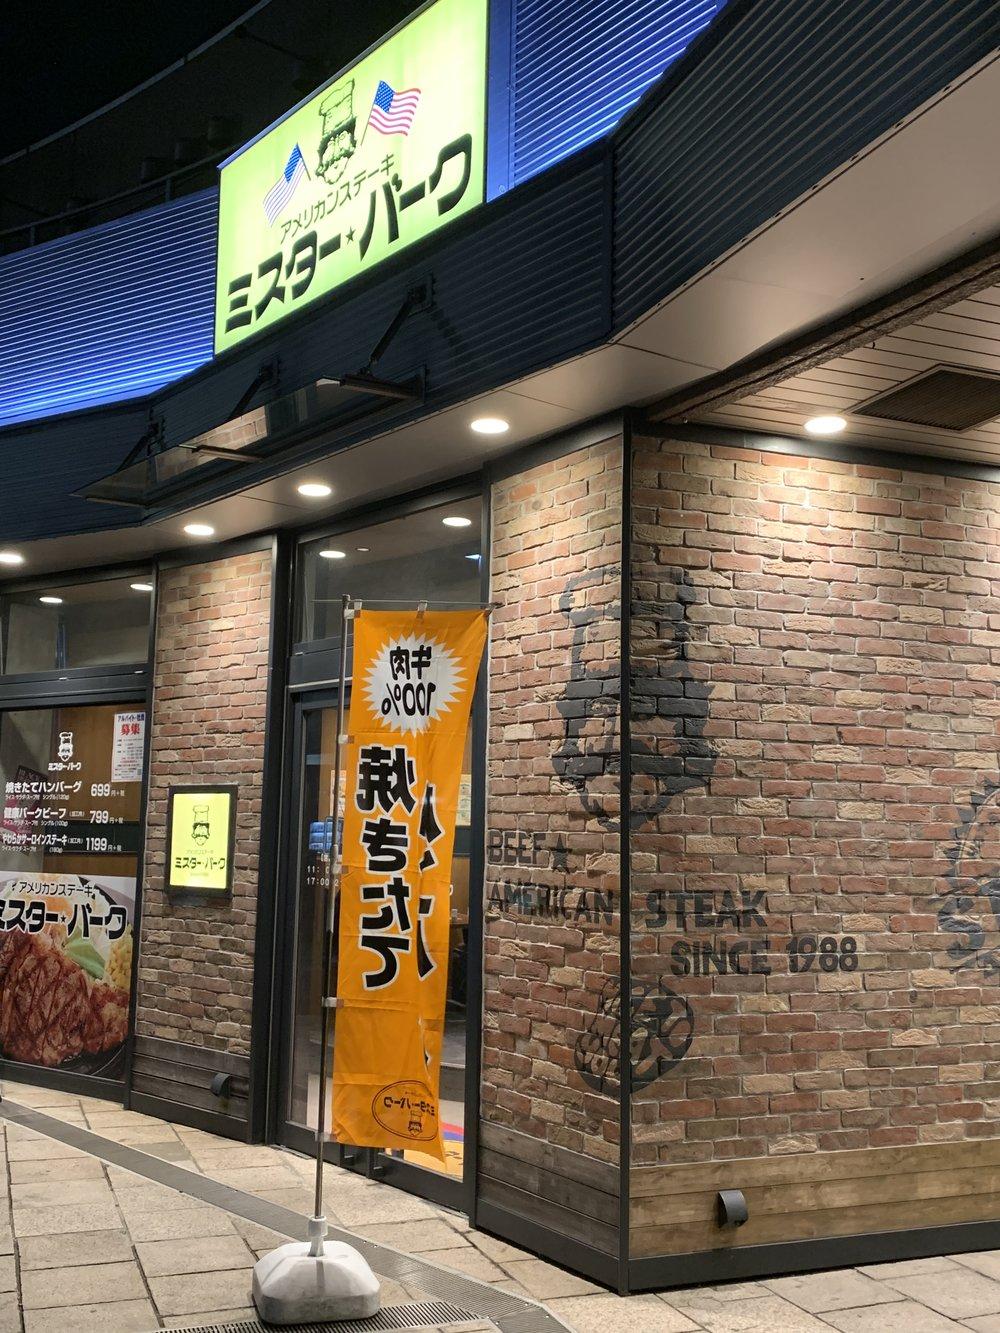 American beef in Japan